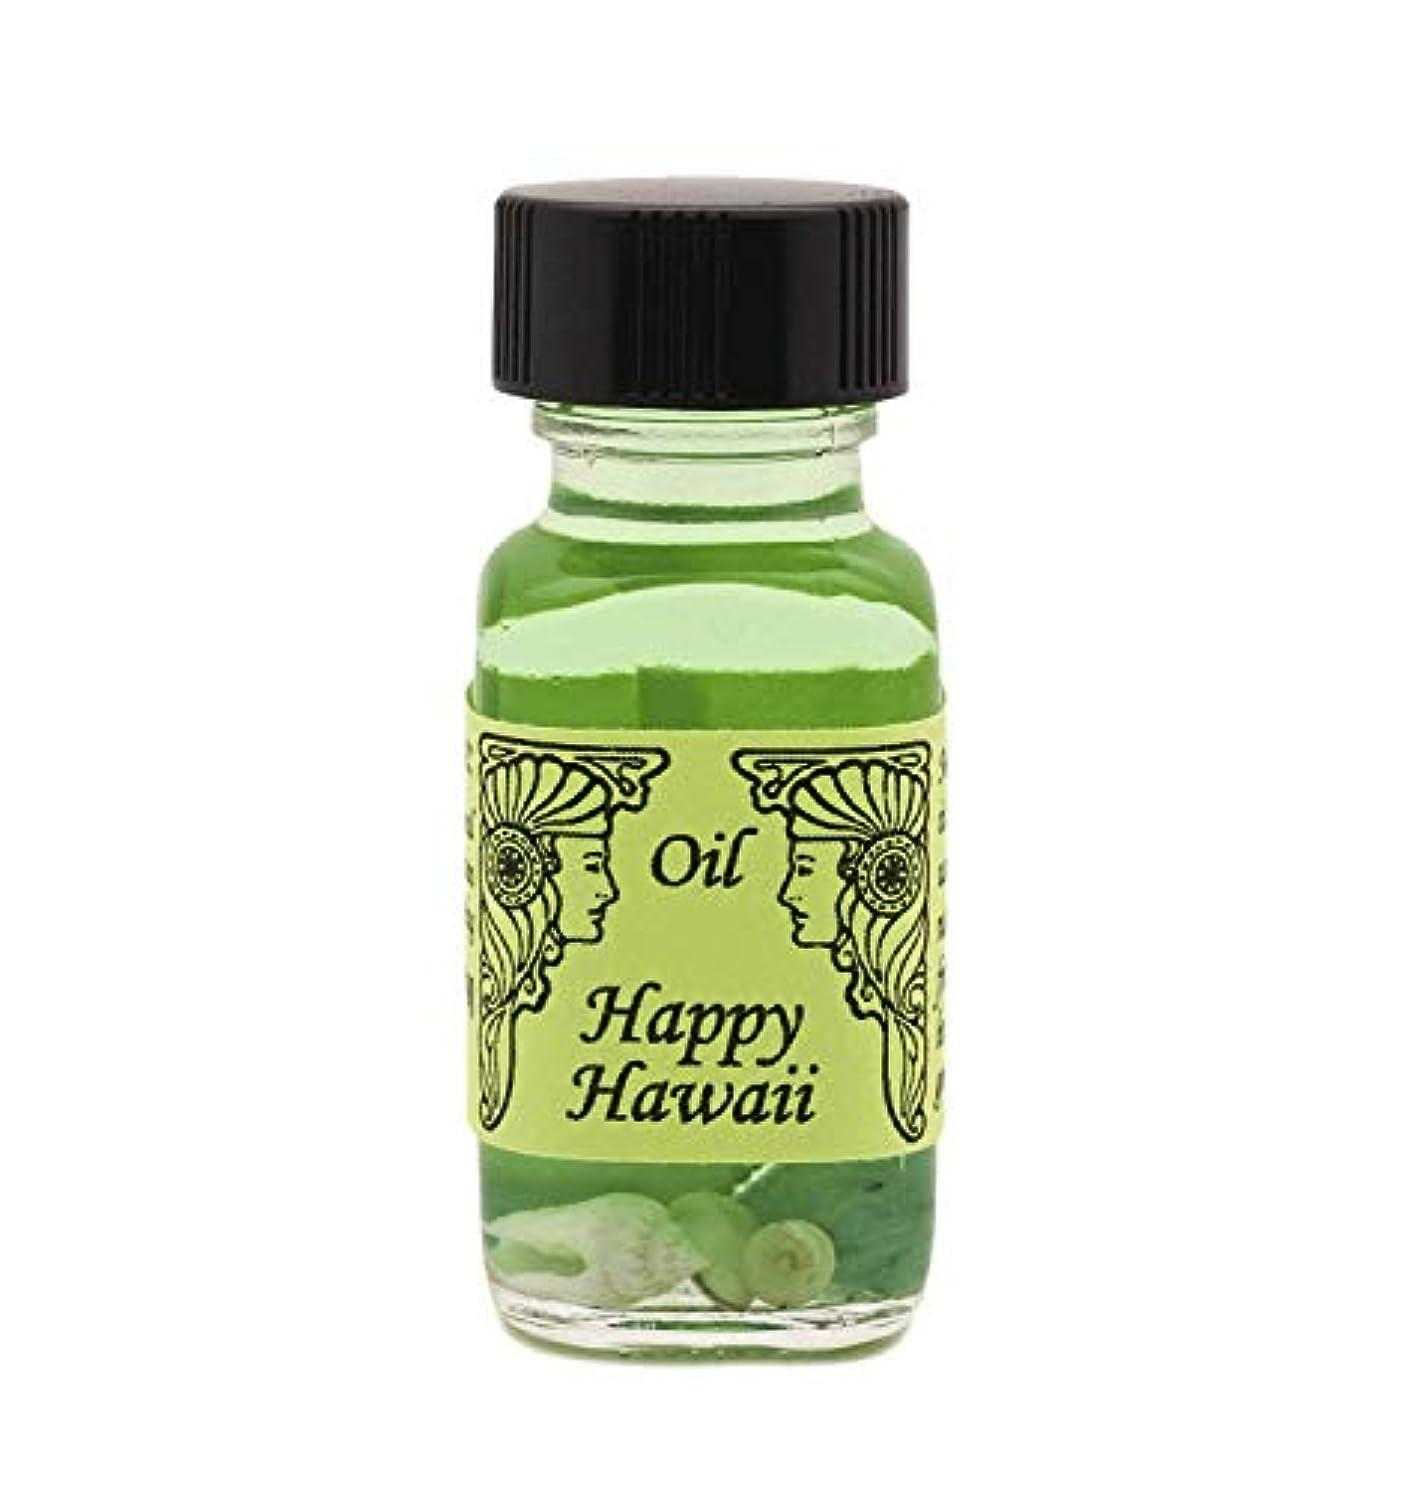 最終水没自殺Happy Hawaii (ハッピーハワイ) アンシェントメモリーオイル 15ml 2019年復活オイル